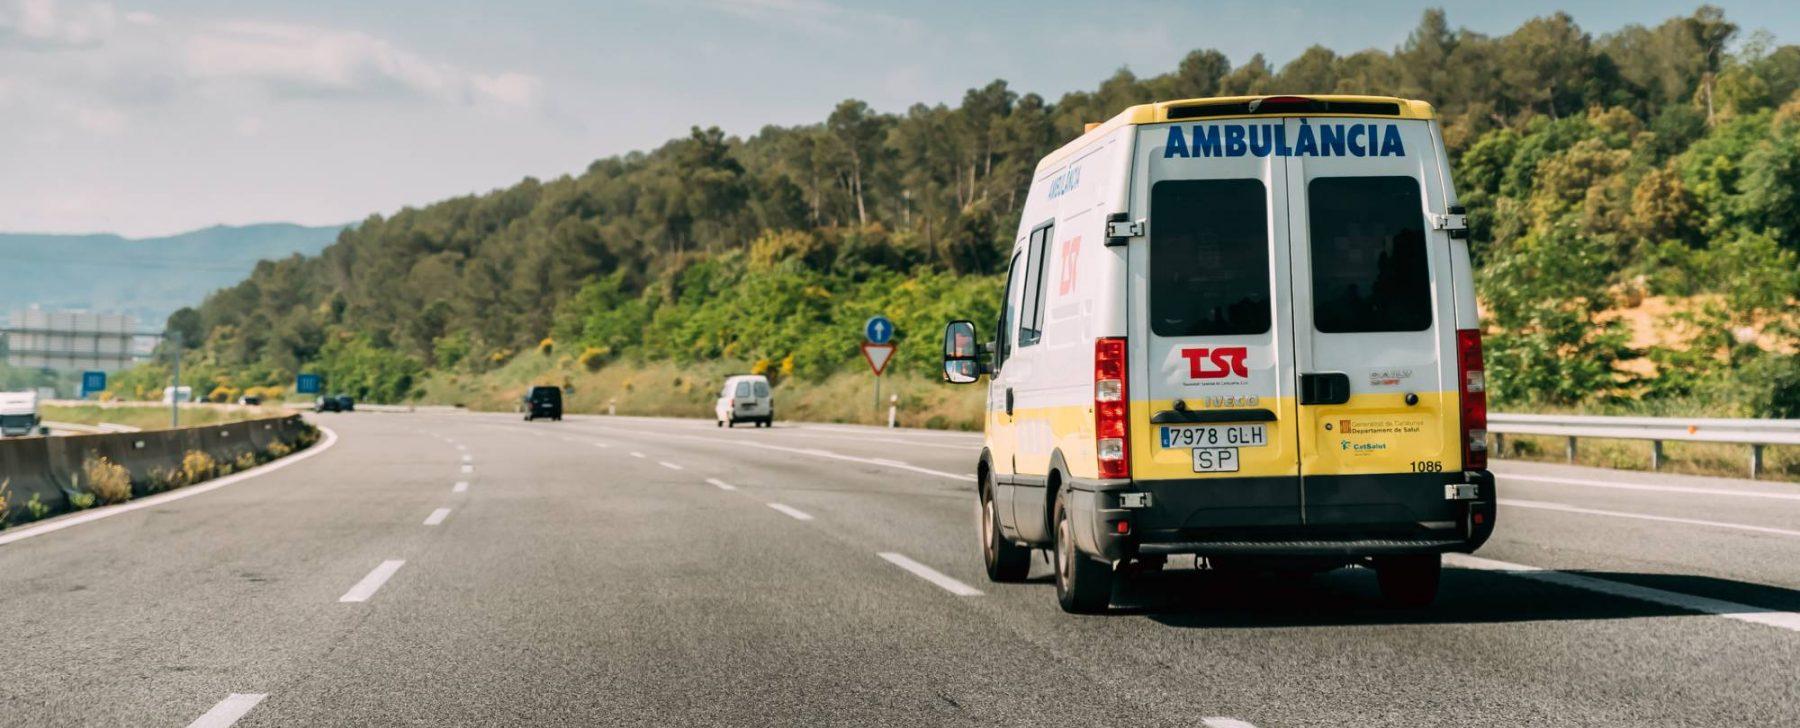 Que hacer cuando pasa una ambulancia